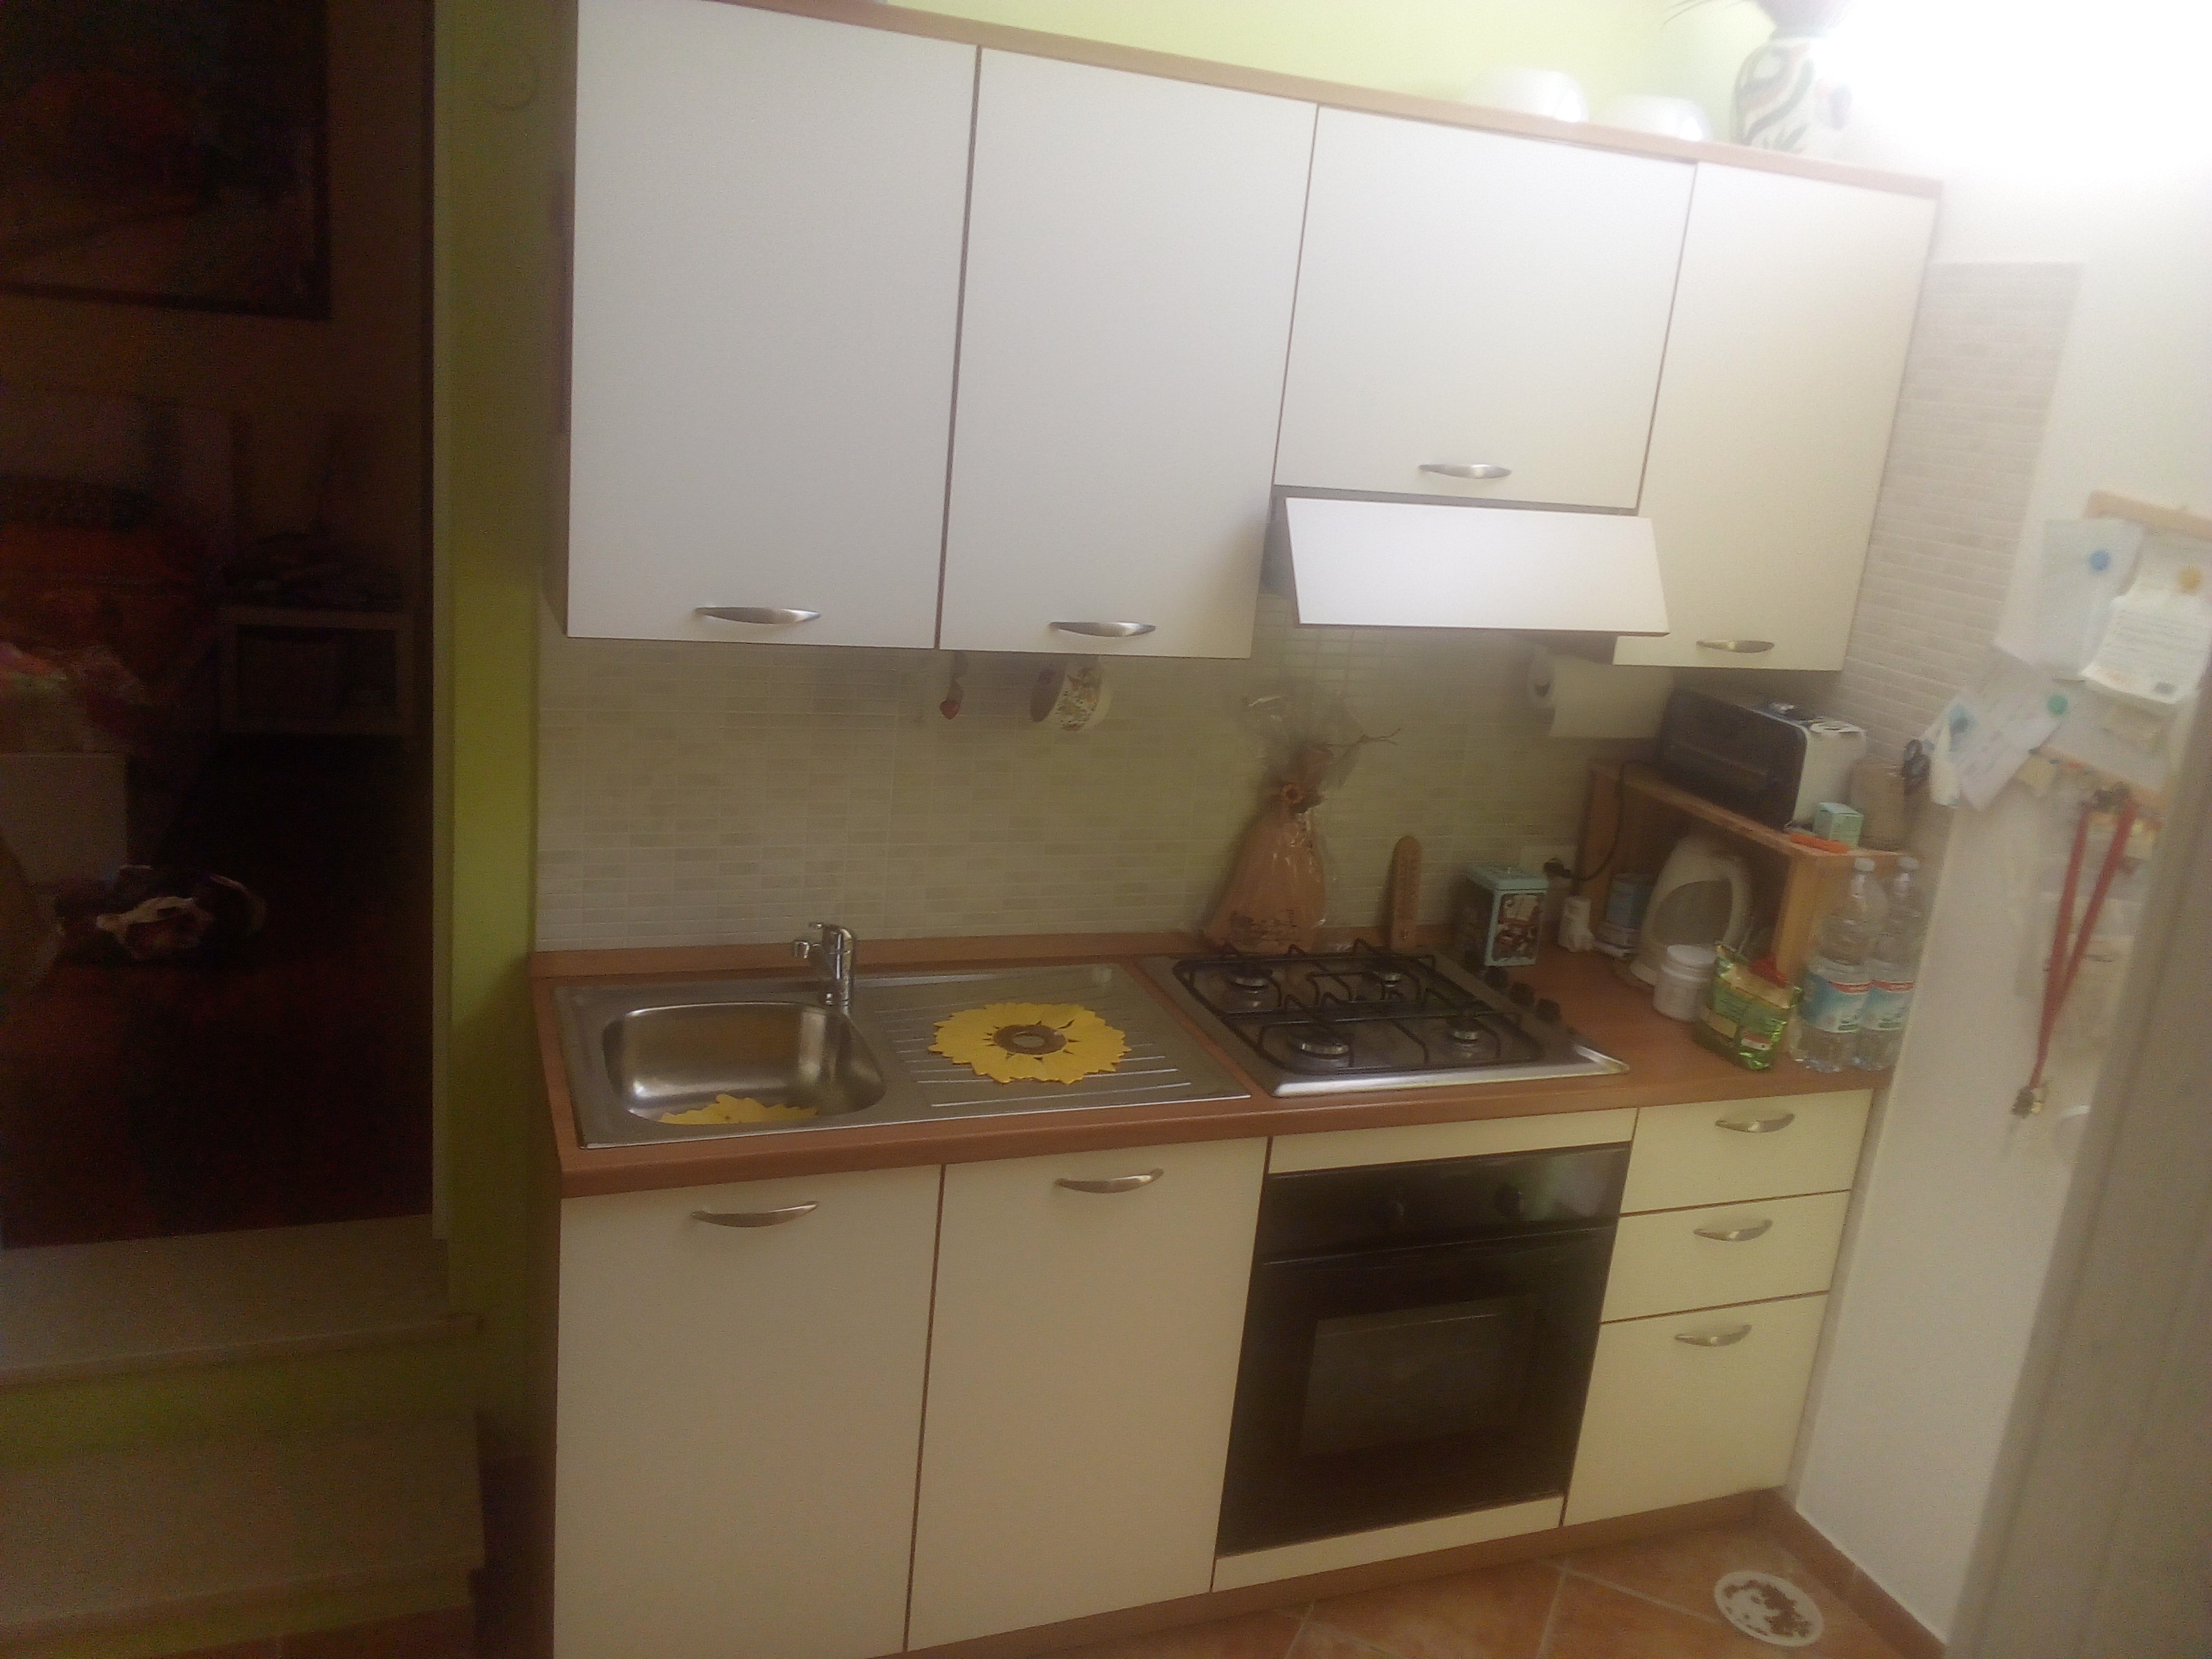 Cucina completa di elettrodomestici